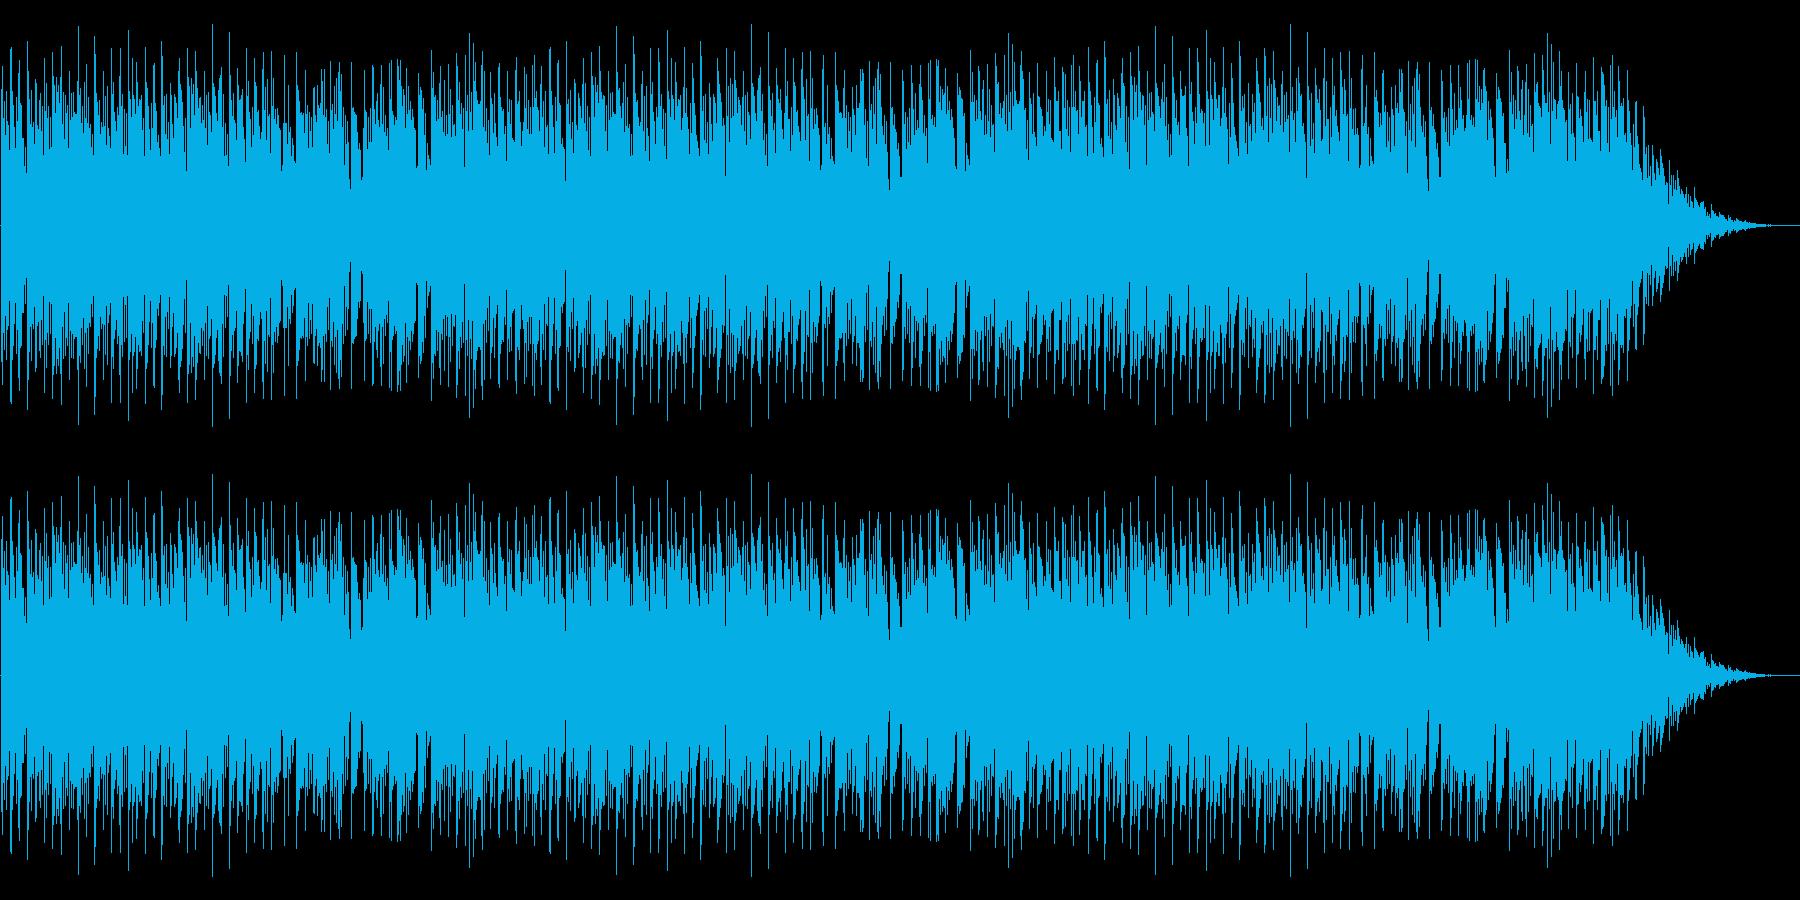 GB風アクションゲームのステージ曲の再生済みの波形